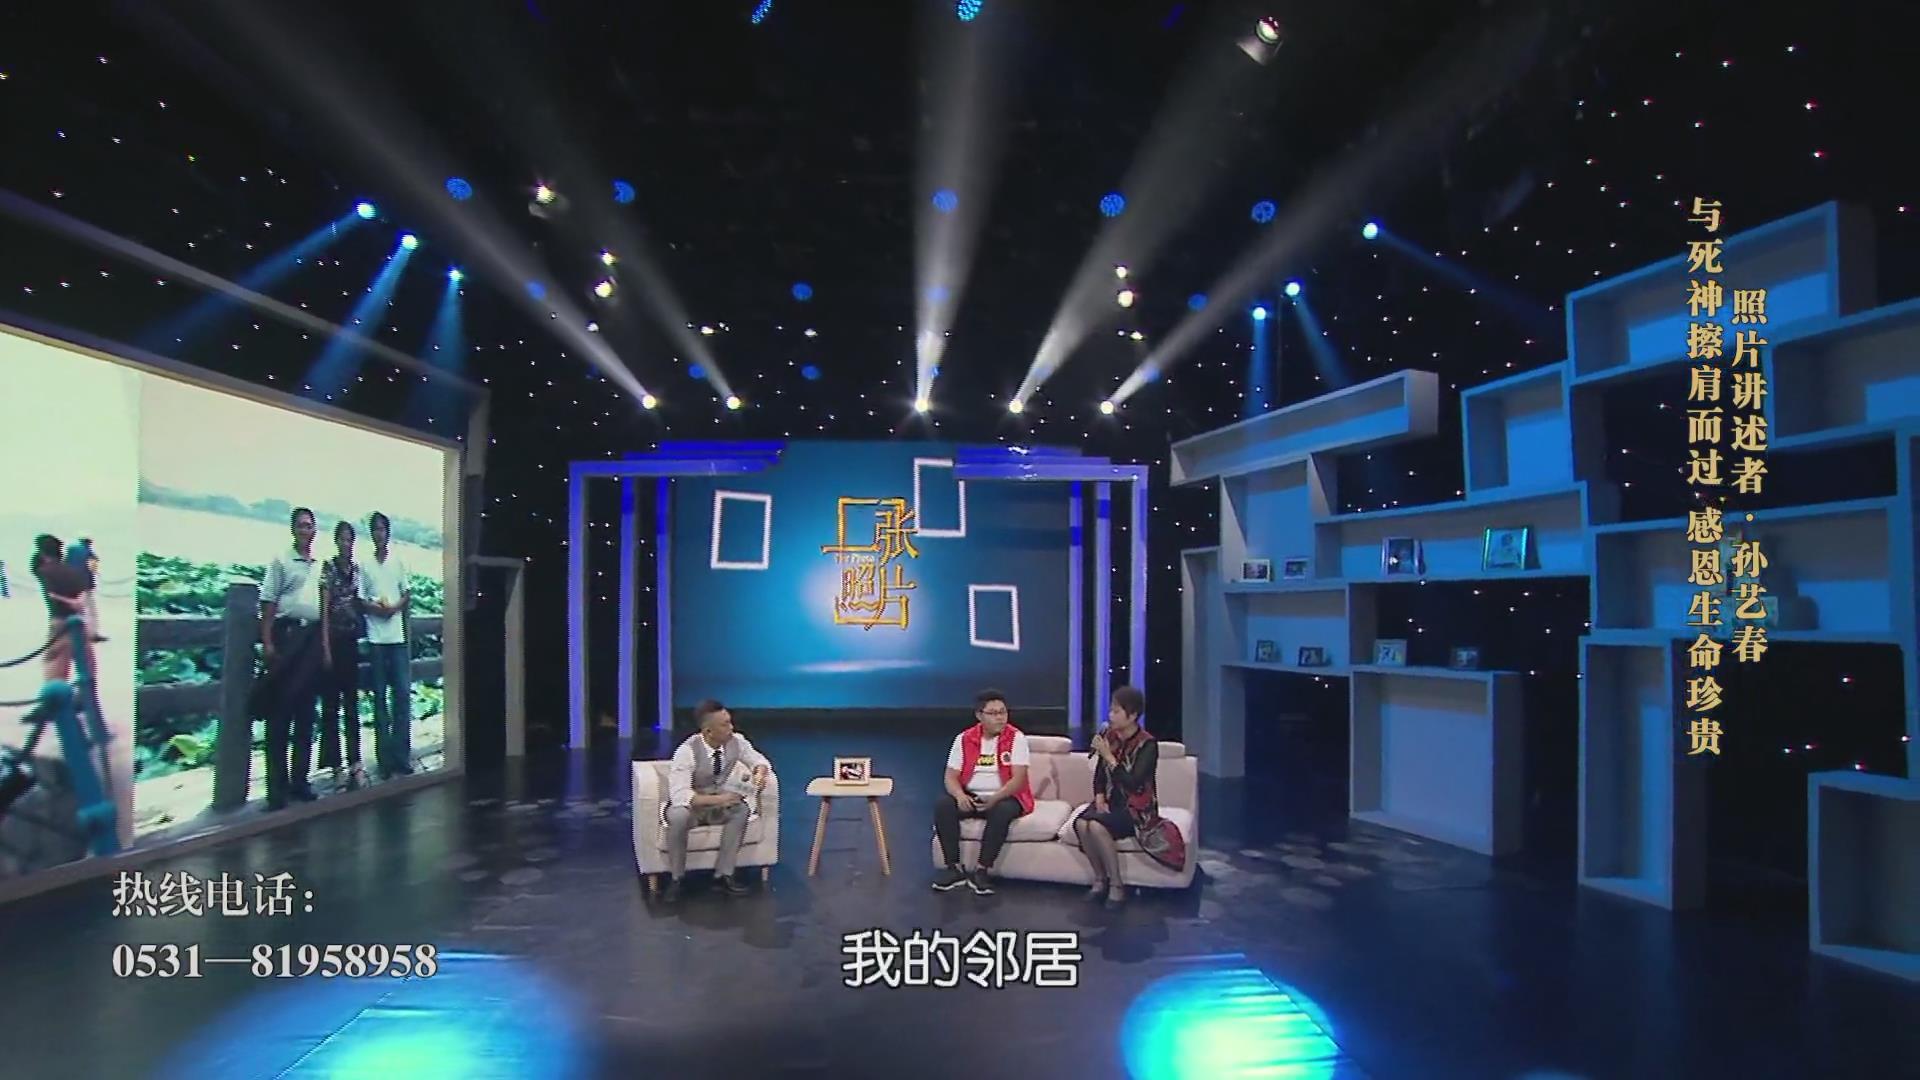 一张照片20190707播出姜坤